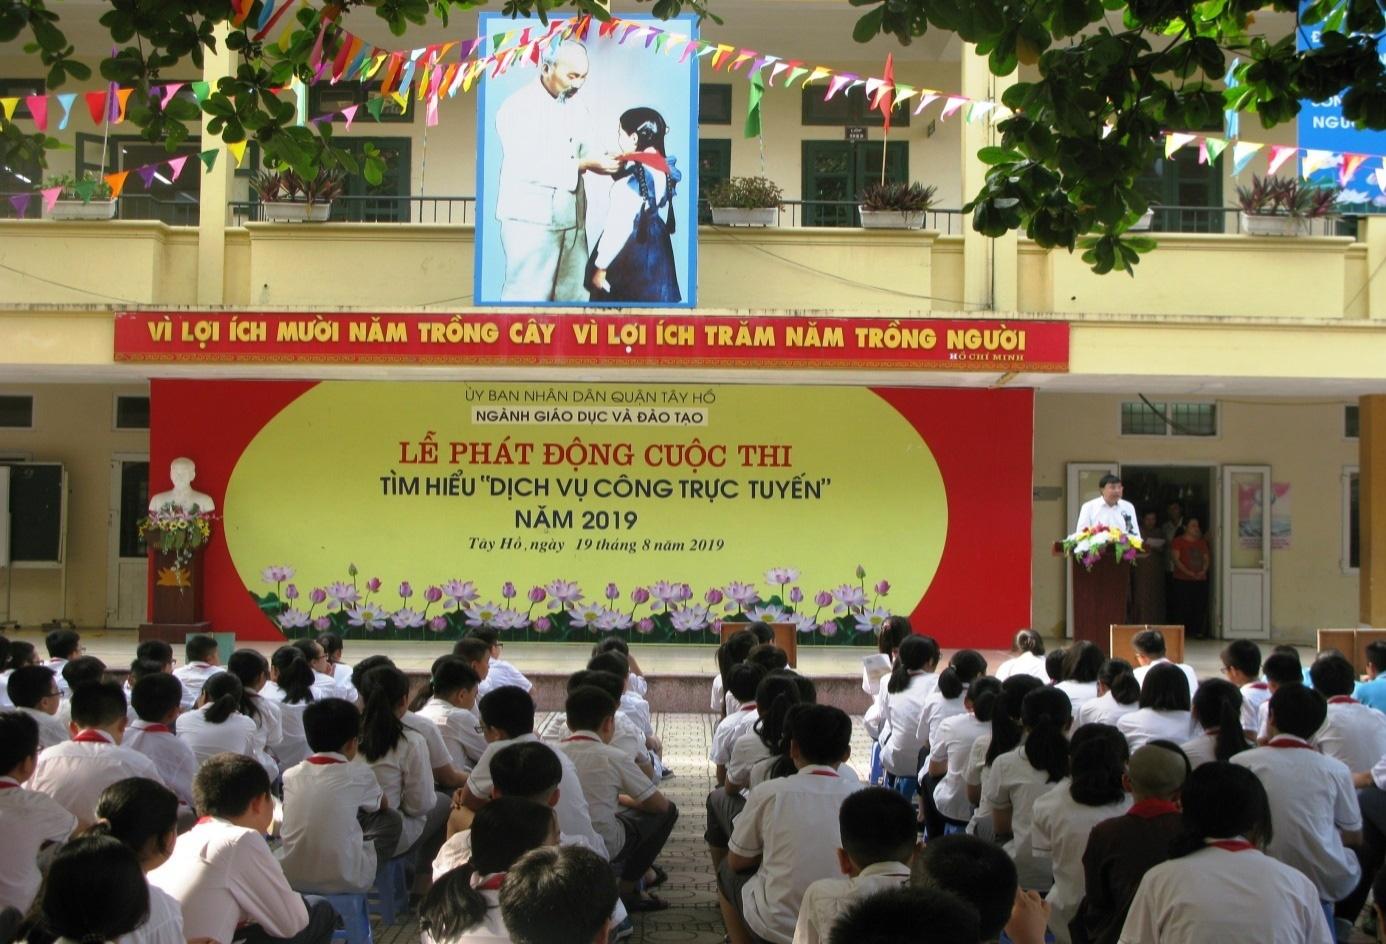 Ngành Giáo dục và Đào tạo Hà Nội công bố 10 sự kiện tiêu biểu năm 2019 - Ảnh 7.